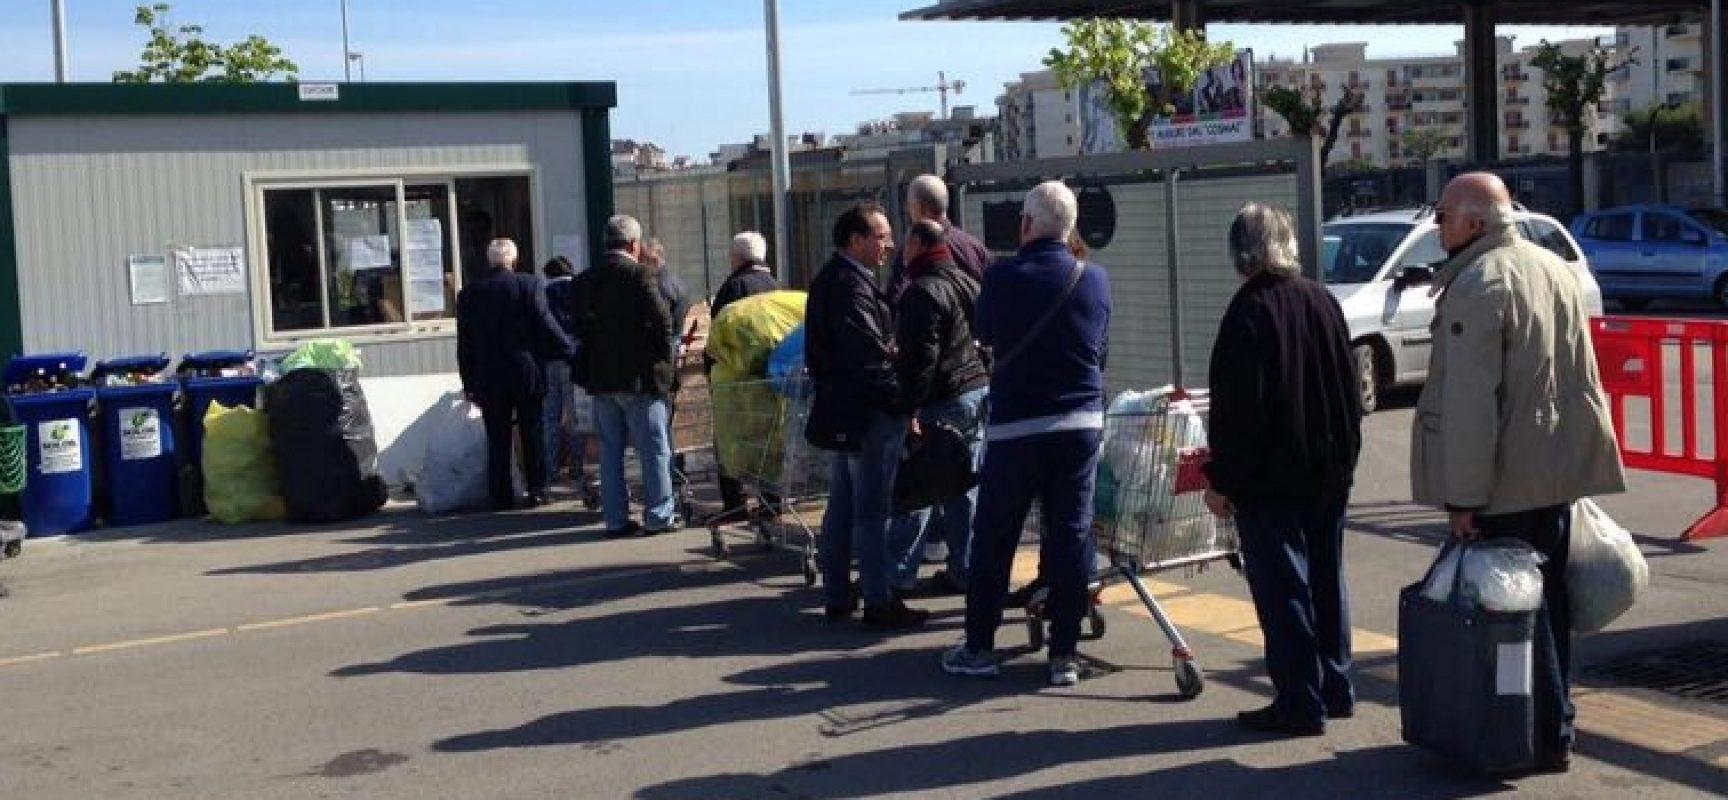 Servizio straordinario di raccolta rifiuti per il lunedì di Pasquetta / TUTTI I DETTAGLI